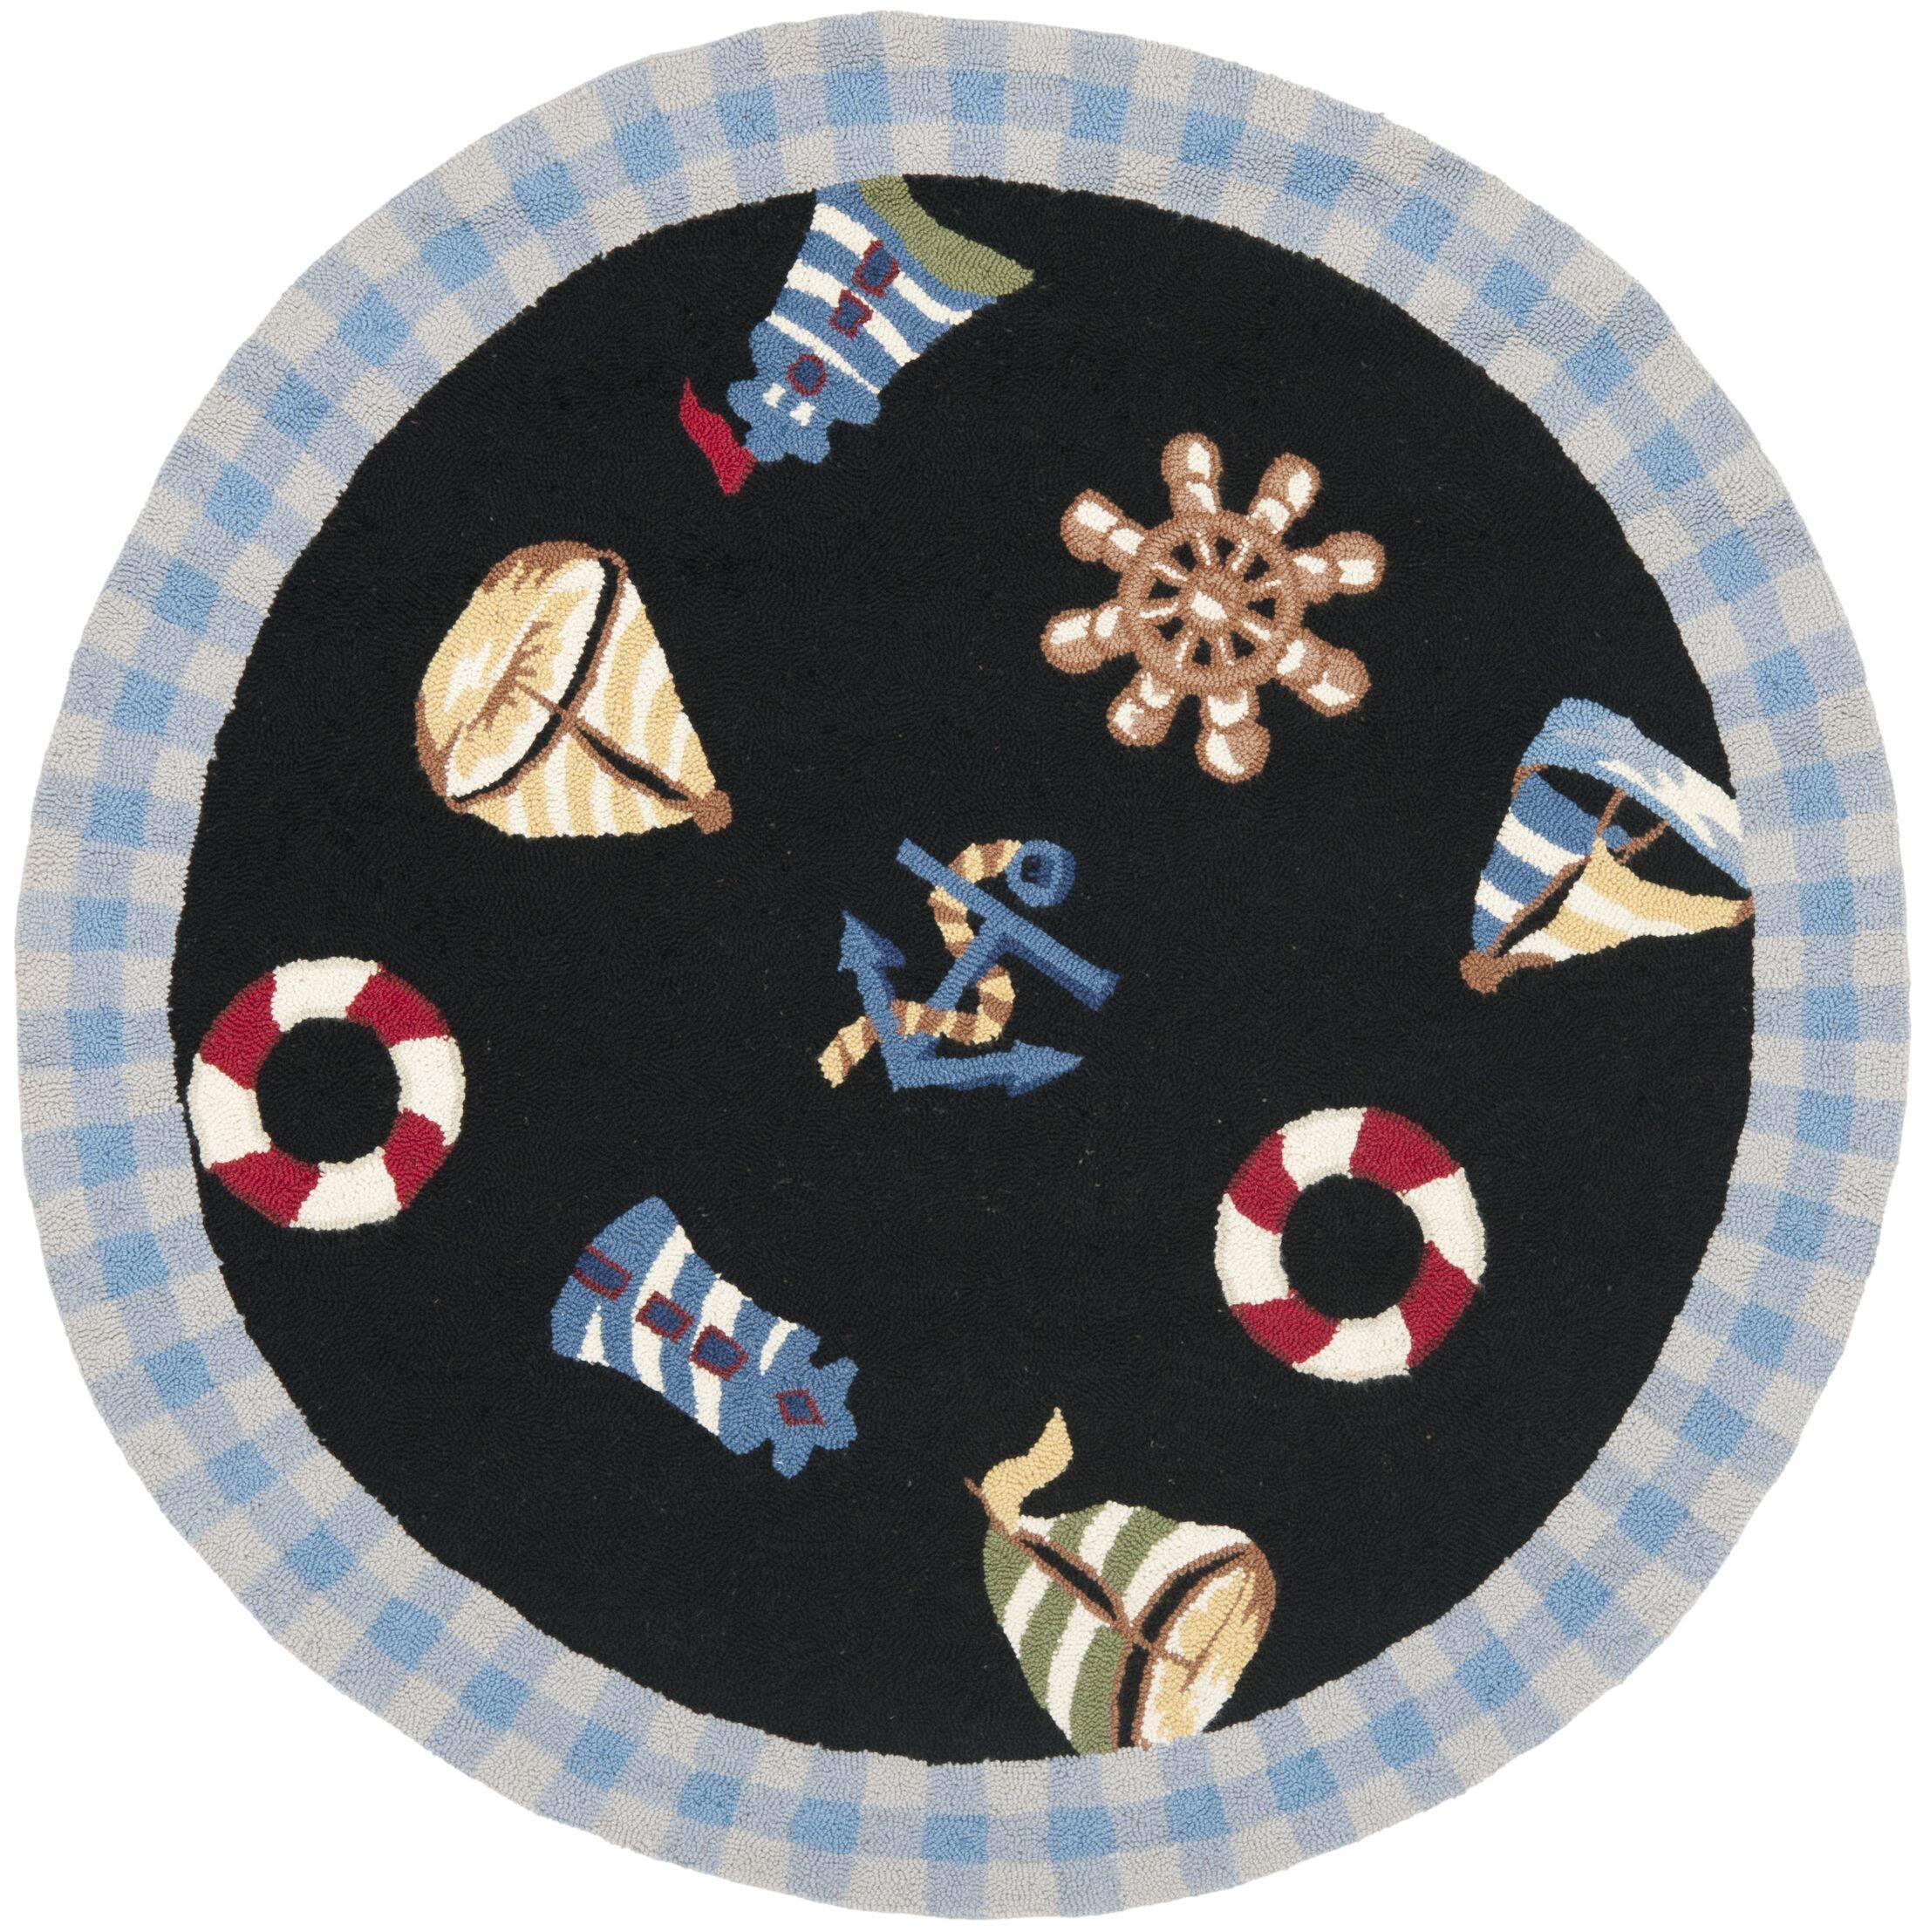 Eldridge Black / Blue Marina Novelty Area Rug Rug Size: Round 8'